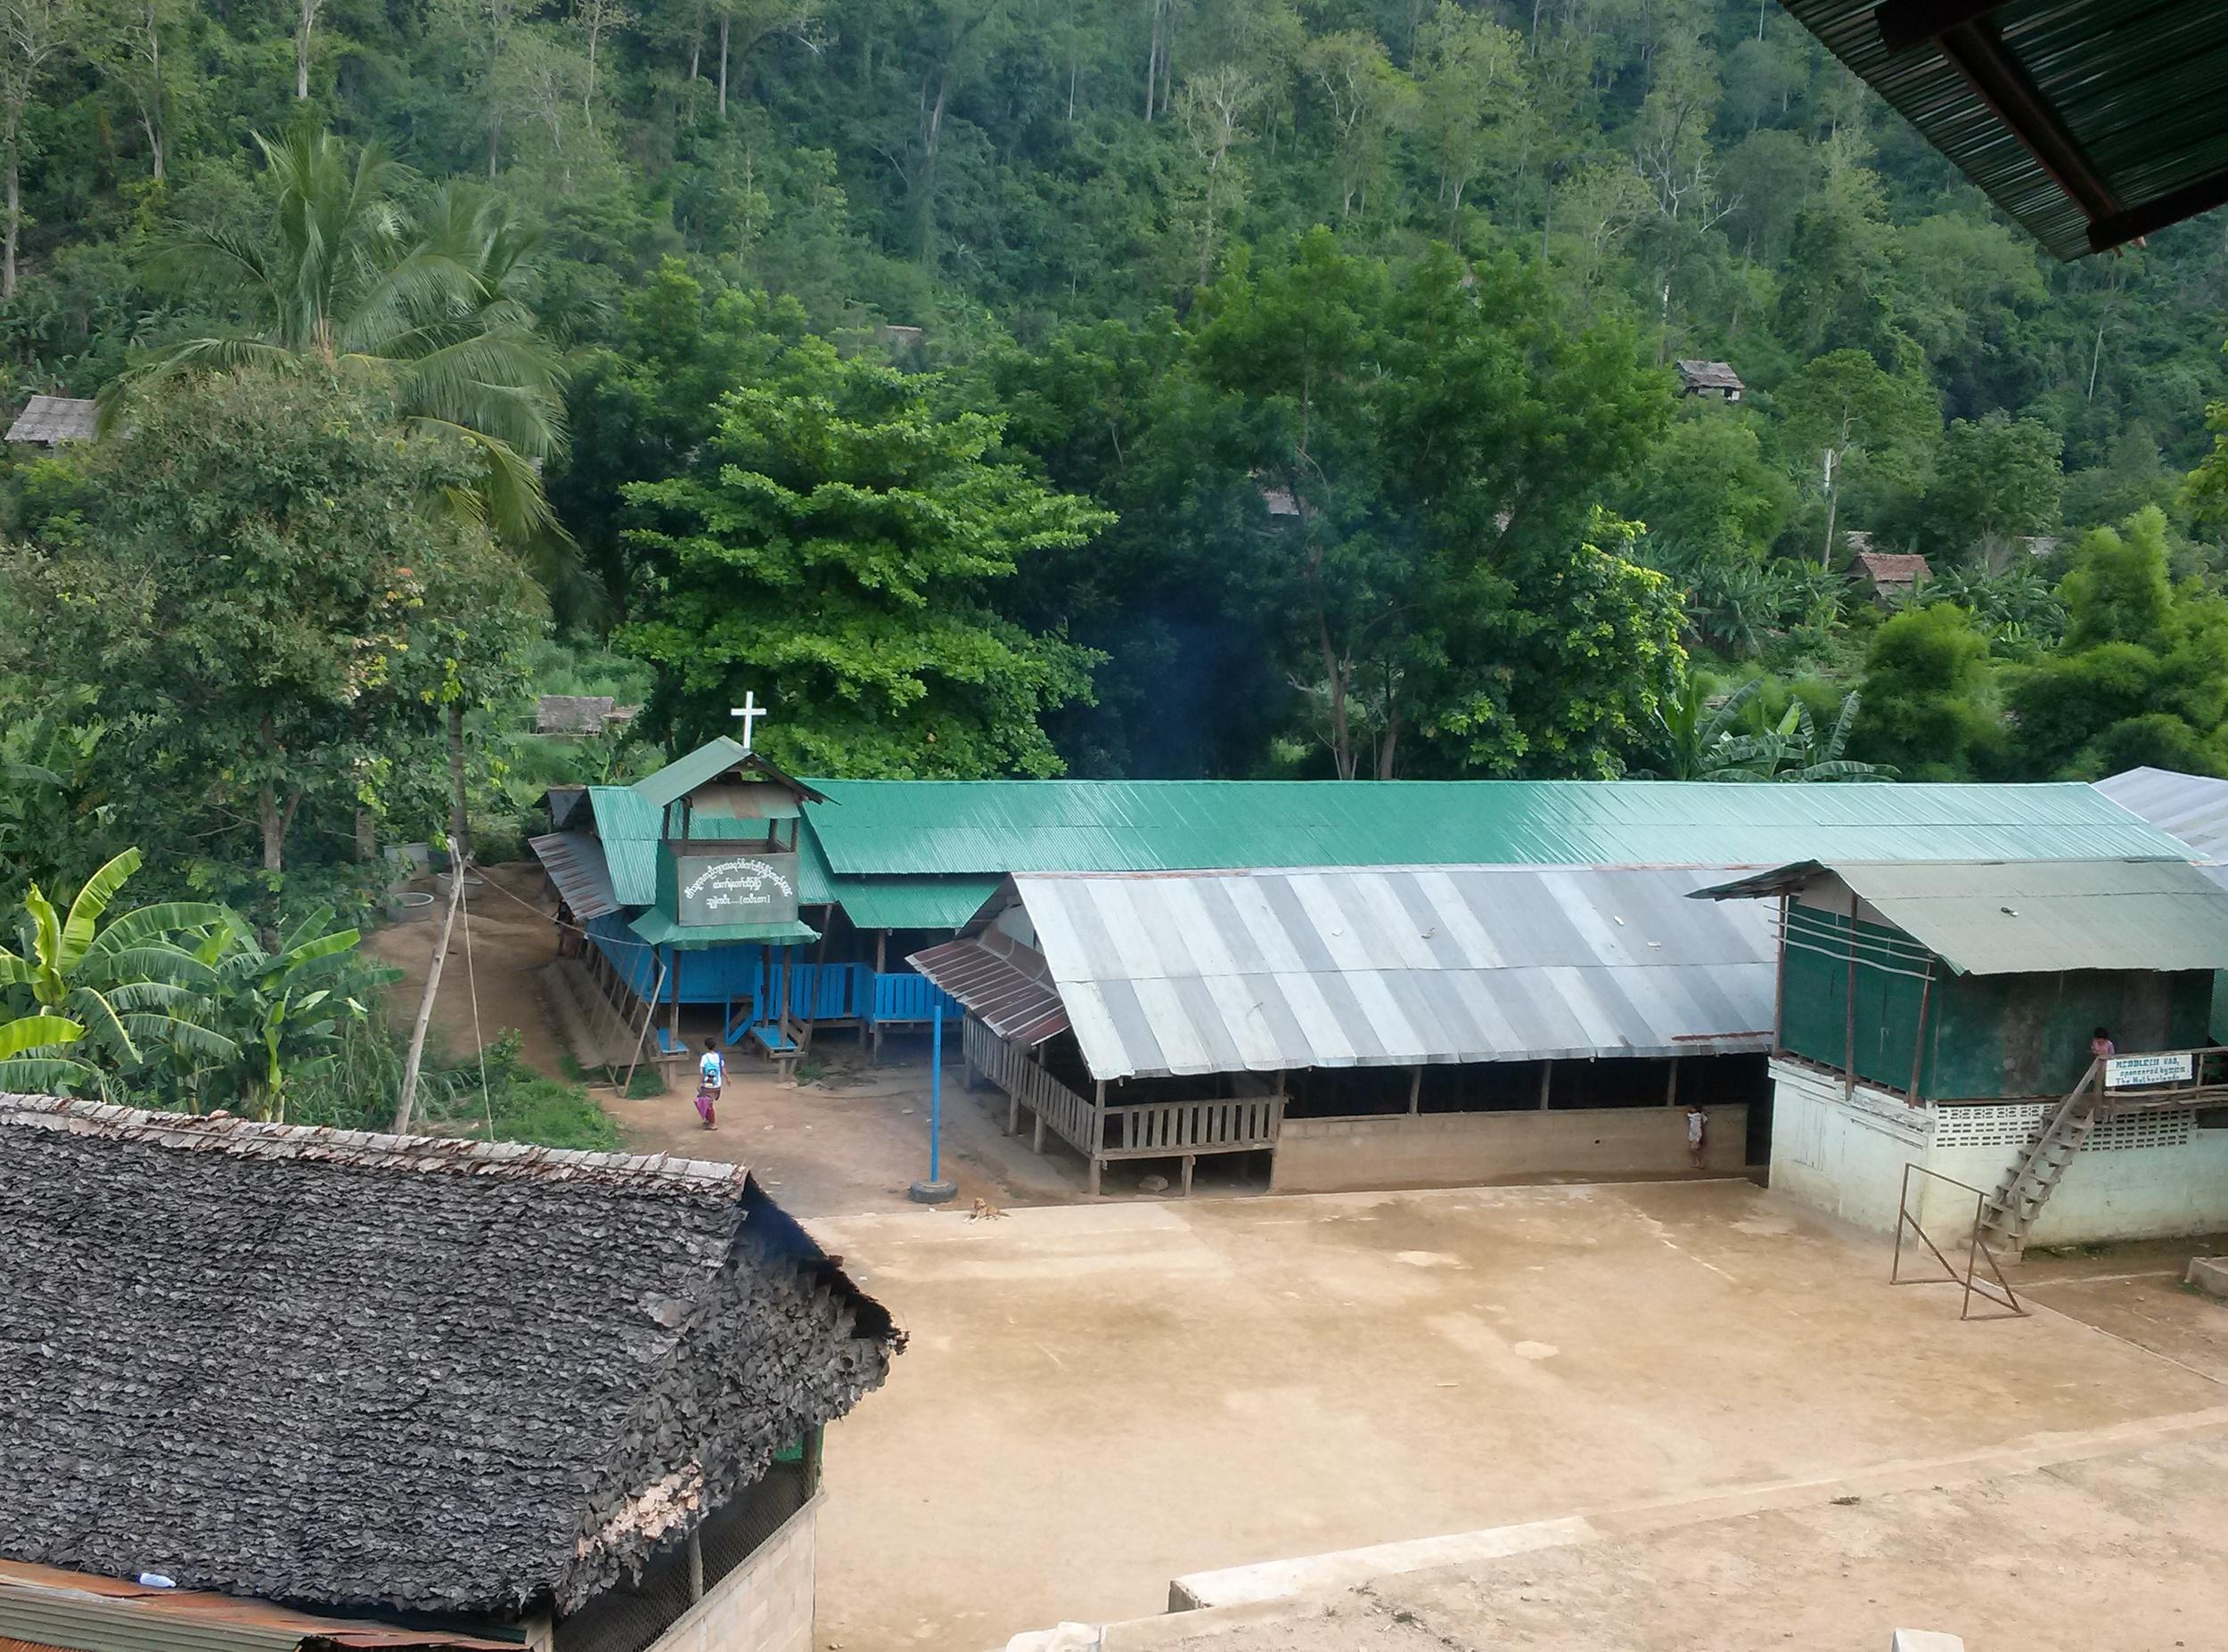 Main camp ground